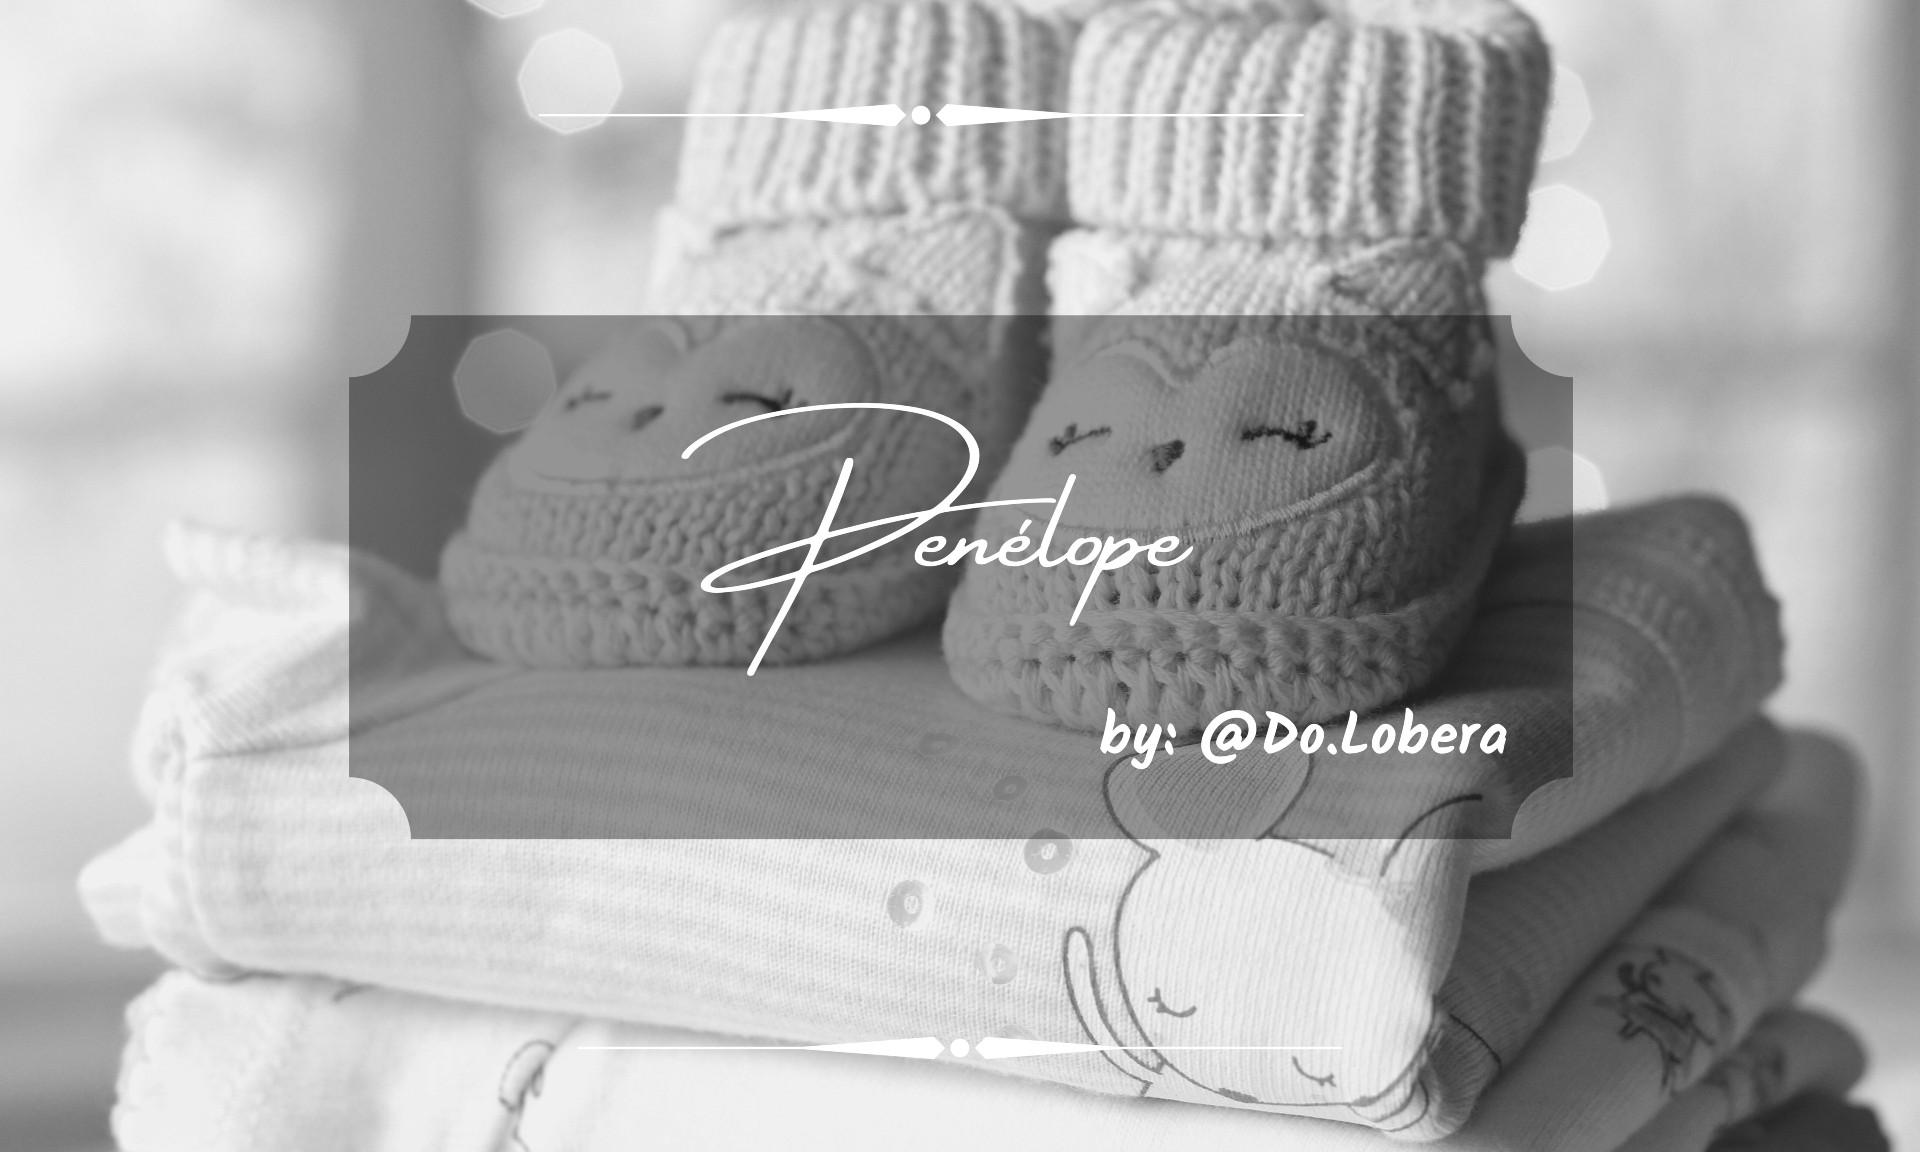 Penélope - by do.lobera